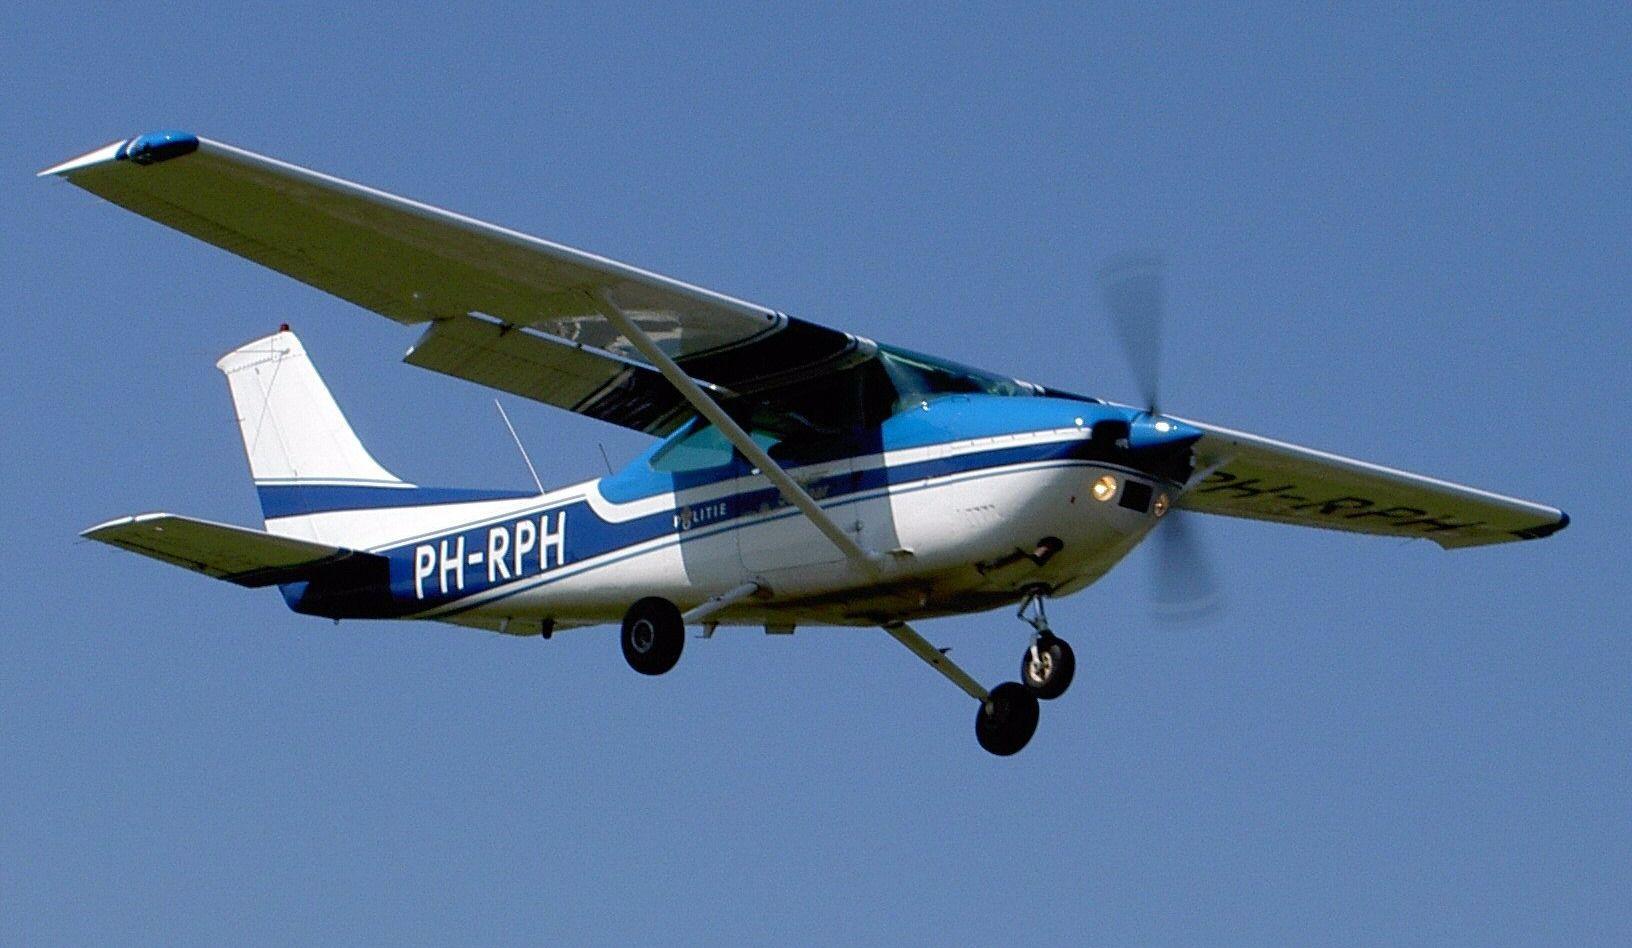 Un petit avion s'écrase dans le Suroît